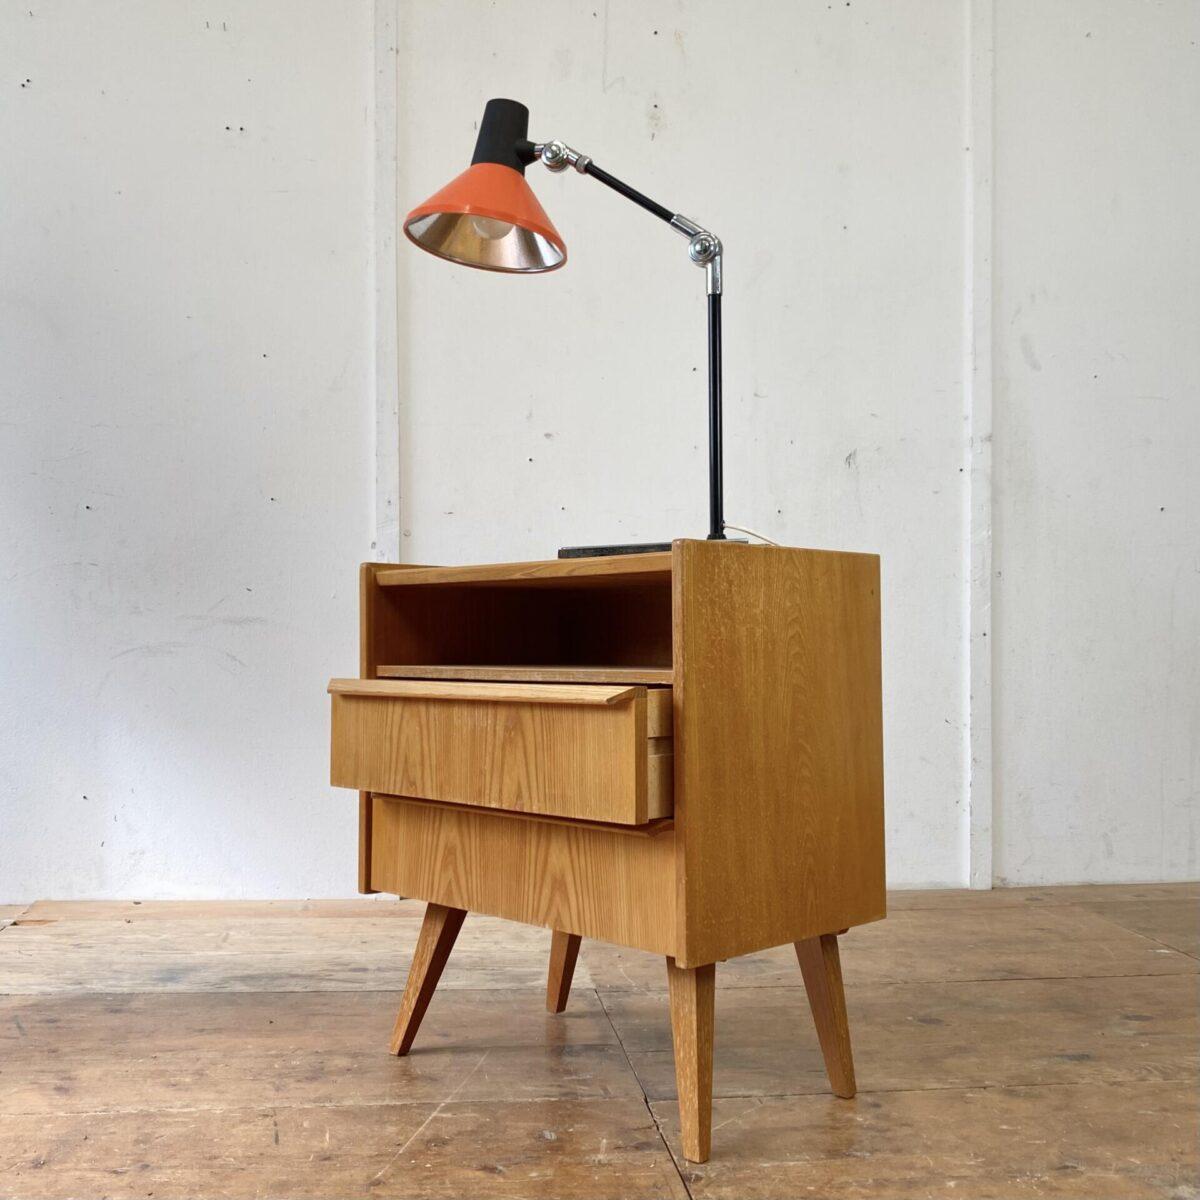 Swisslamp Derungs Toplux. Kleine Kommode oder Nachttisch mit zwei Schubladen. 55x35cm Höhe 62cm. Korpus Furniert mit Vollholz Kanten, die konischen schrägen Beine und Schubladengriffe sind aus Eschenholz. Die Orange Schreibtischlampe ist ebenfalls verfügbar. Gesamthöhe 75cm (aufgestellt). Verchromter schwerer Standfuss, Lampenschirm und Arm mit verschiedenen Schwenkmöglichkeiten.